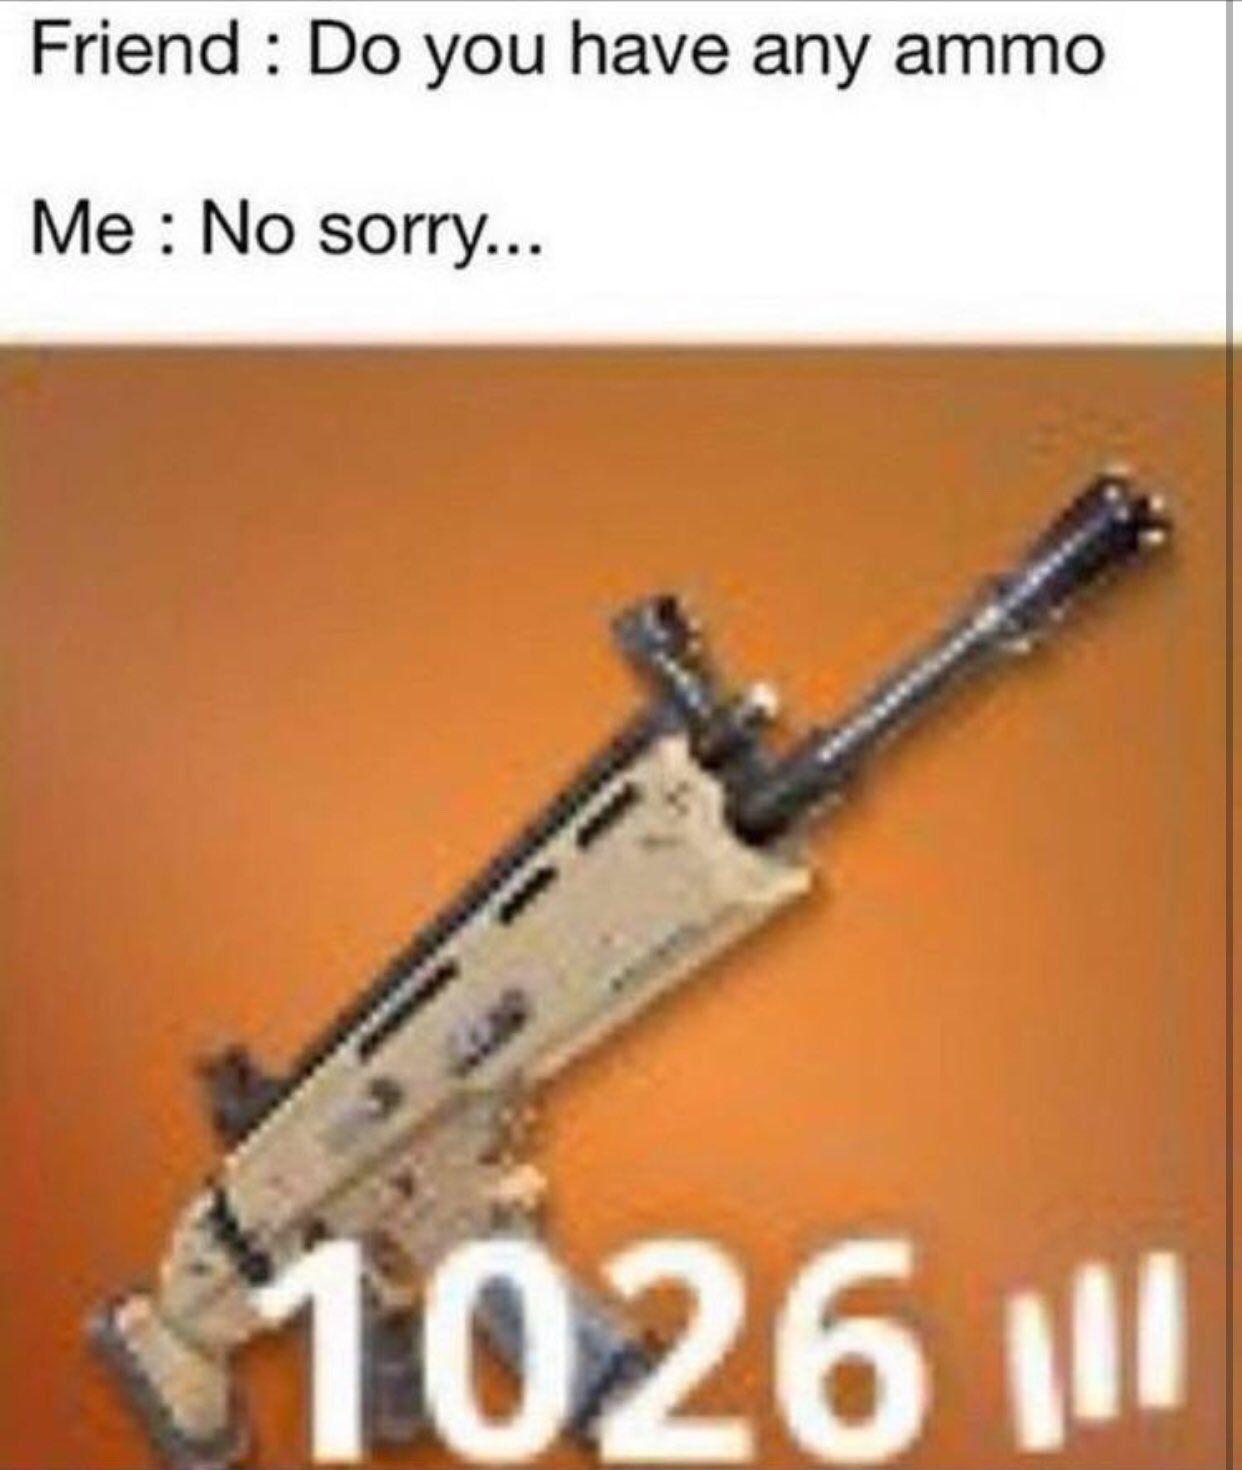 Fornite Humor Memes Fortnite Memes For Kids Kid Memes Funny Memes Edgy Memes